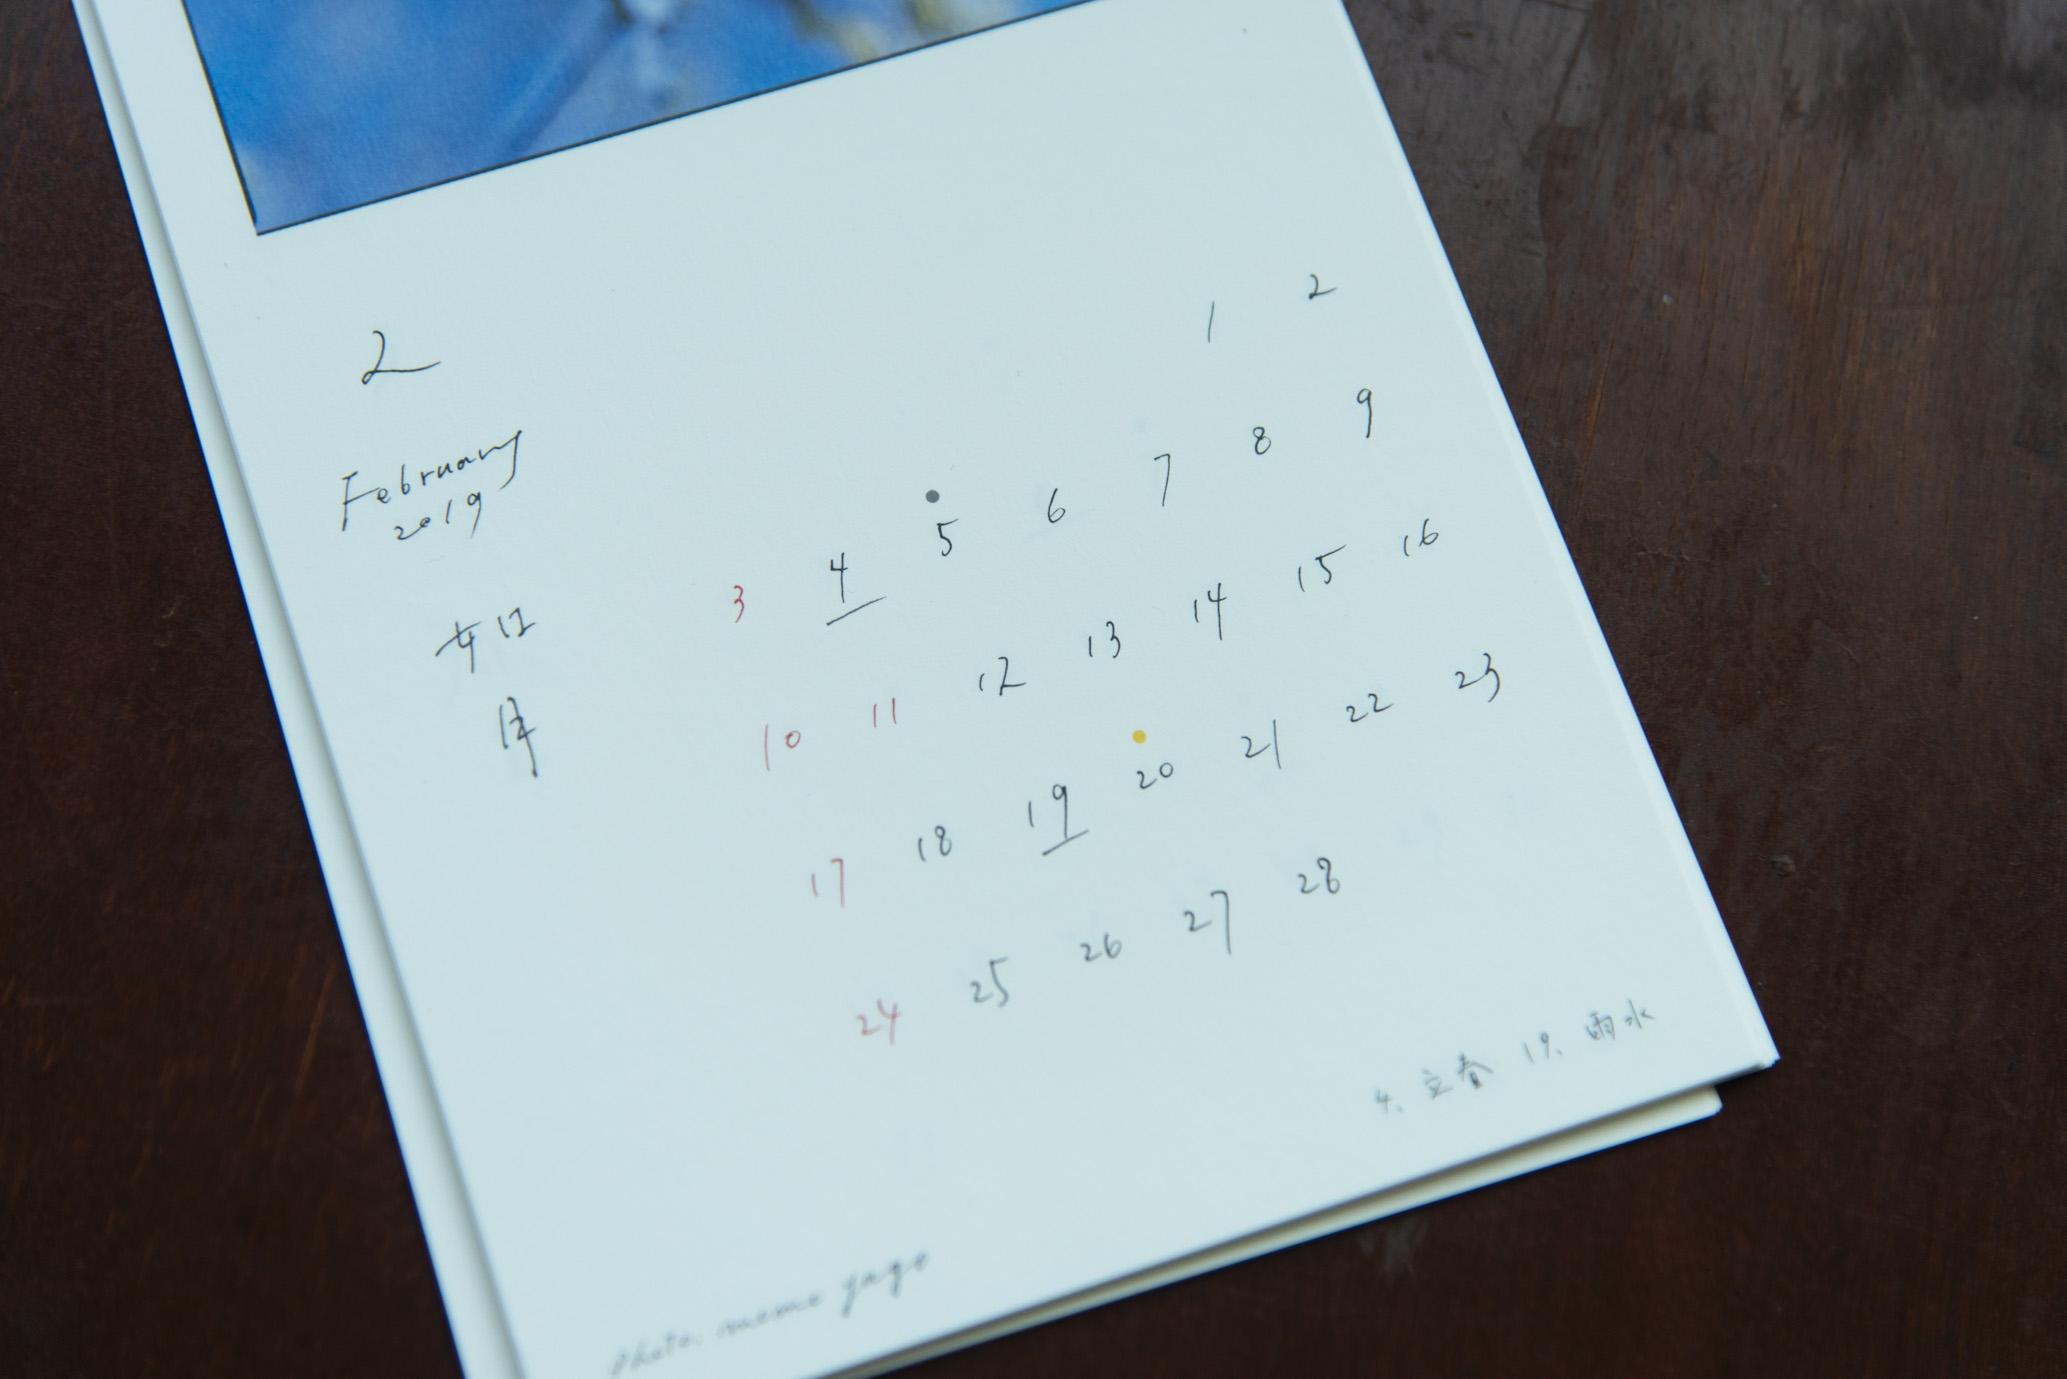 今回日付も含むすべてさっちゃんの手書き文字です。新月●満月○、二十四節気が入っています。